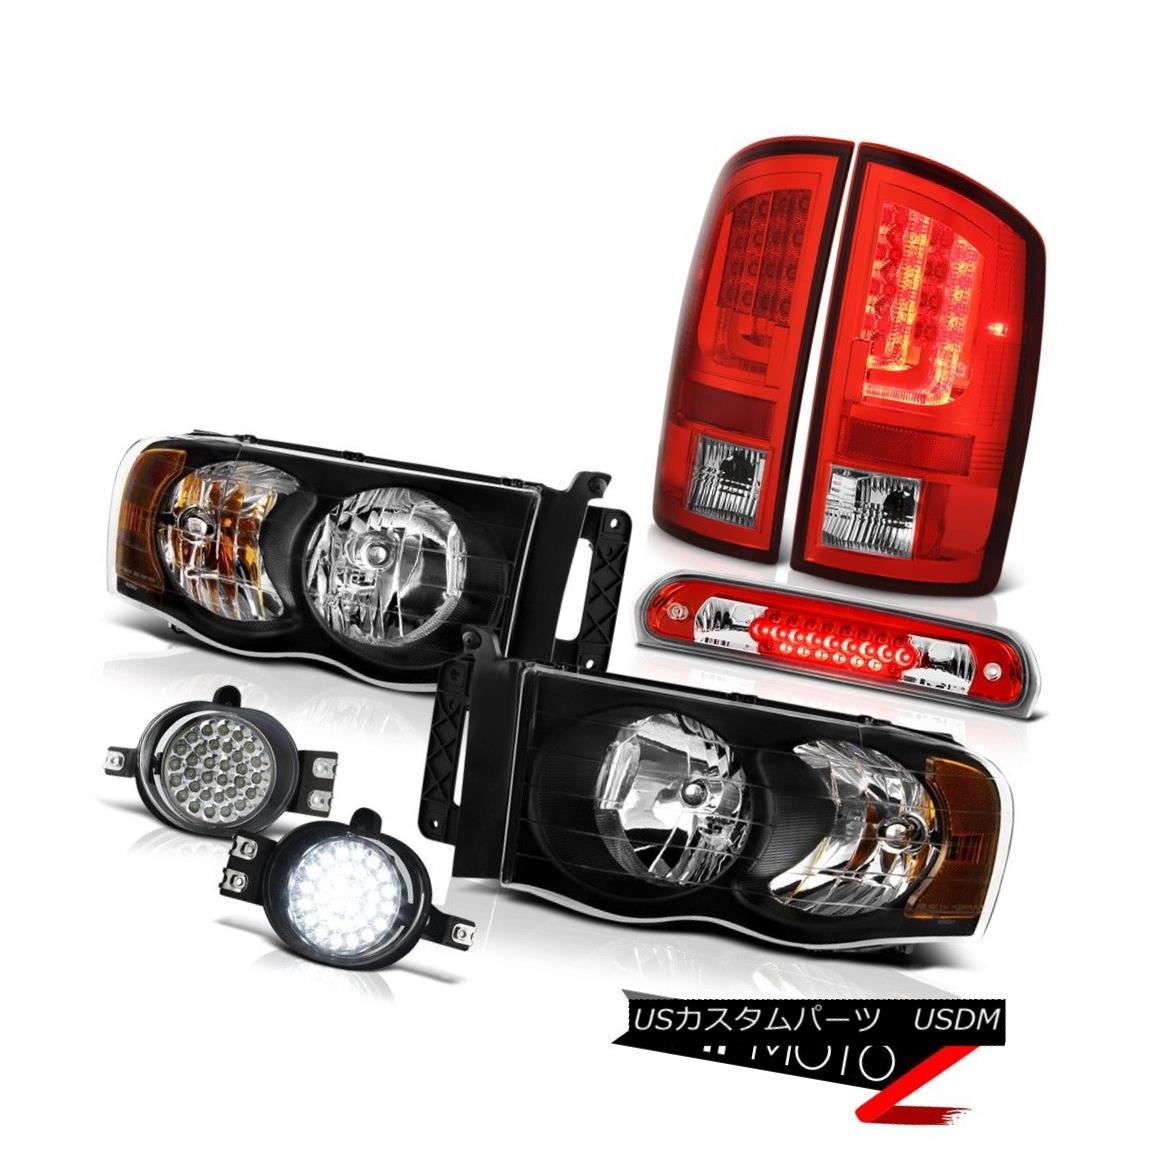 テールライト 2002-2005 Dodge Ram 1500 WS Red Tail Lamps Headlights Fog High STop Light SMD 2002-2005ダッジラム1500 WSレッドテールランプヘッドライトフォグハイSTOPライトSMD